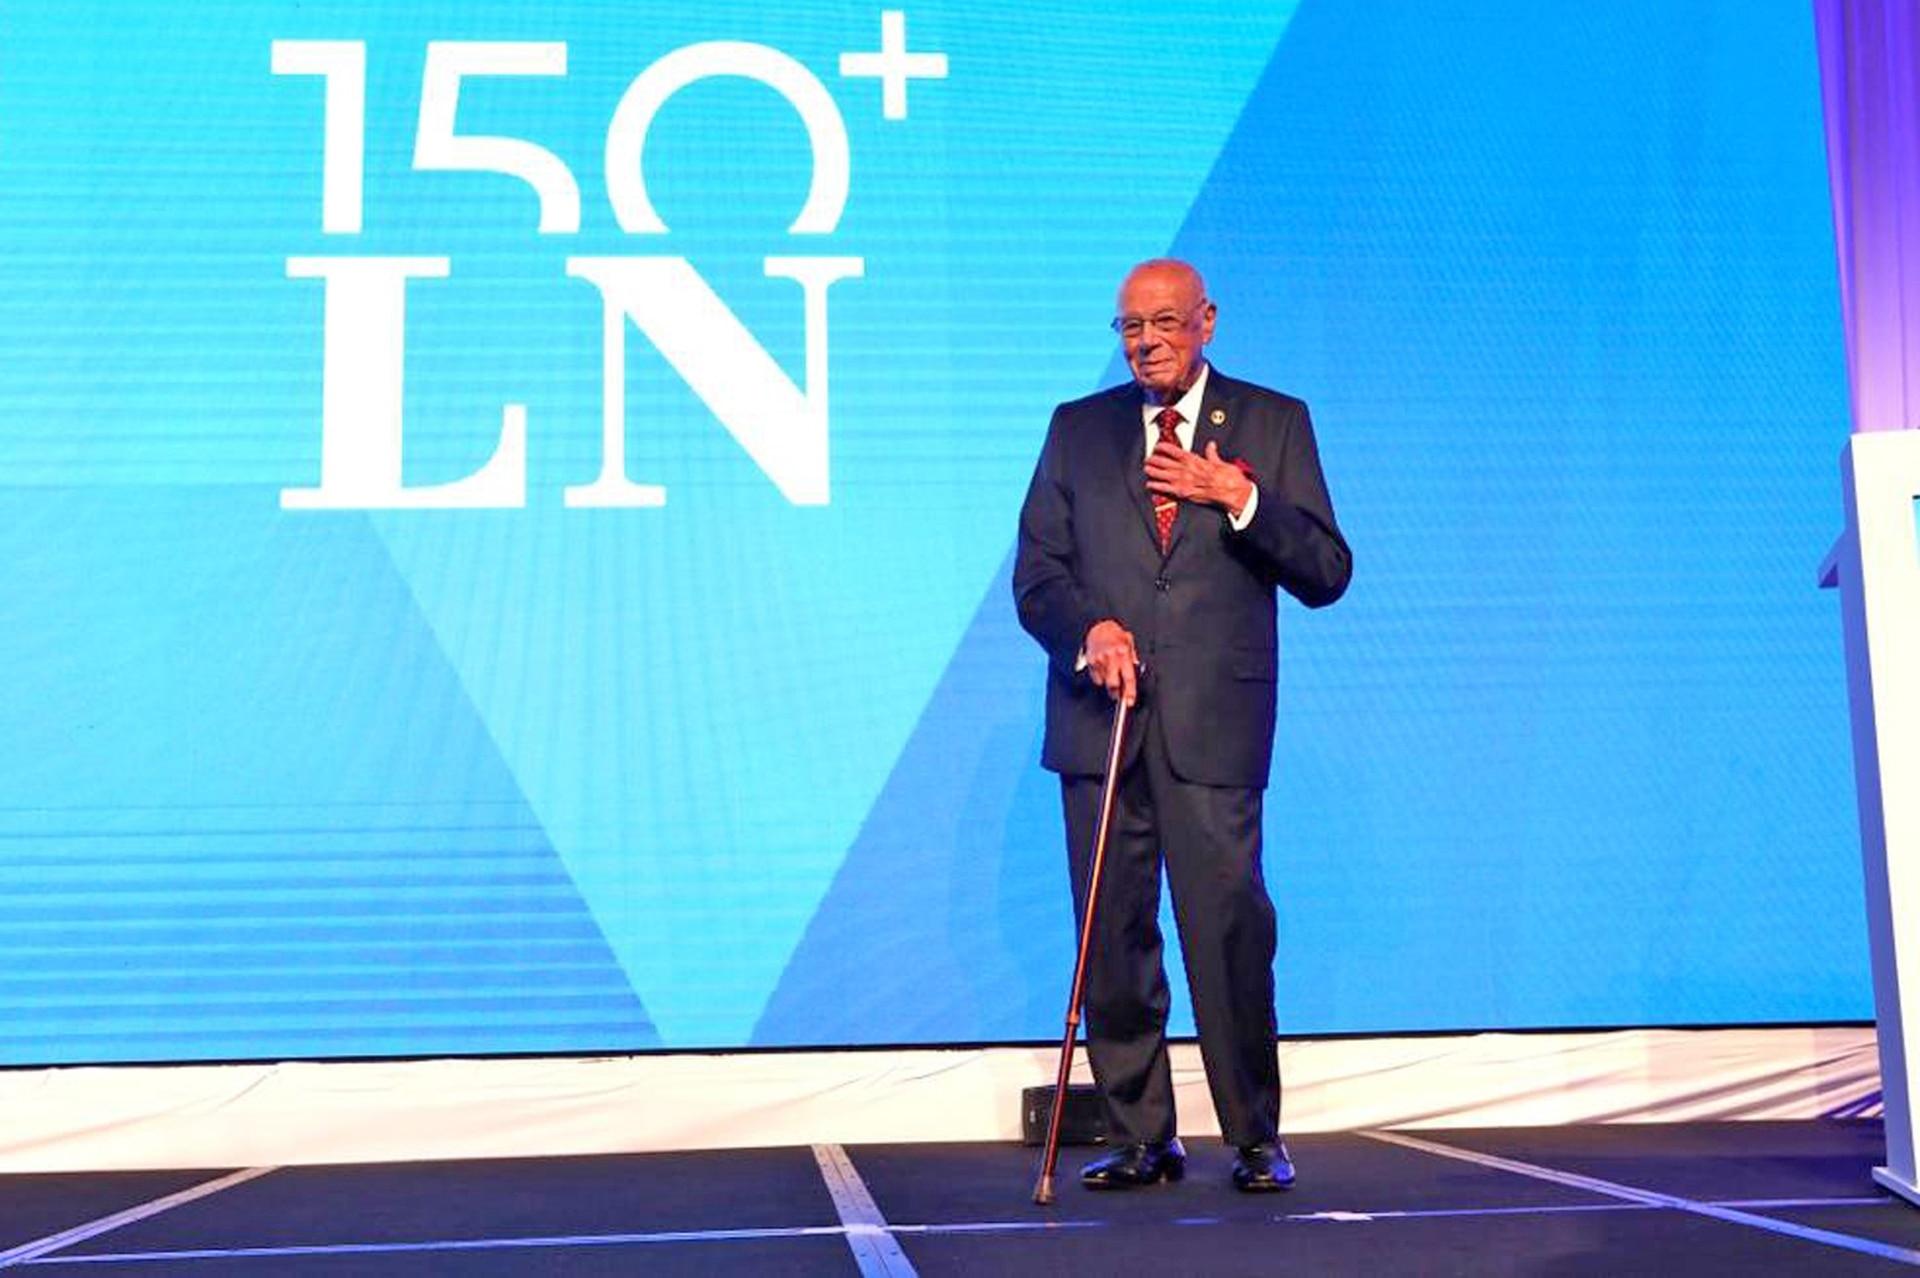 Fortunato Benaim tiene 100 años y fue el primer médico en el país en desarrollar un laboratorio de cultivo celular que permite reproducir la piel humana